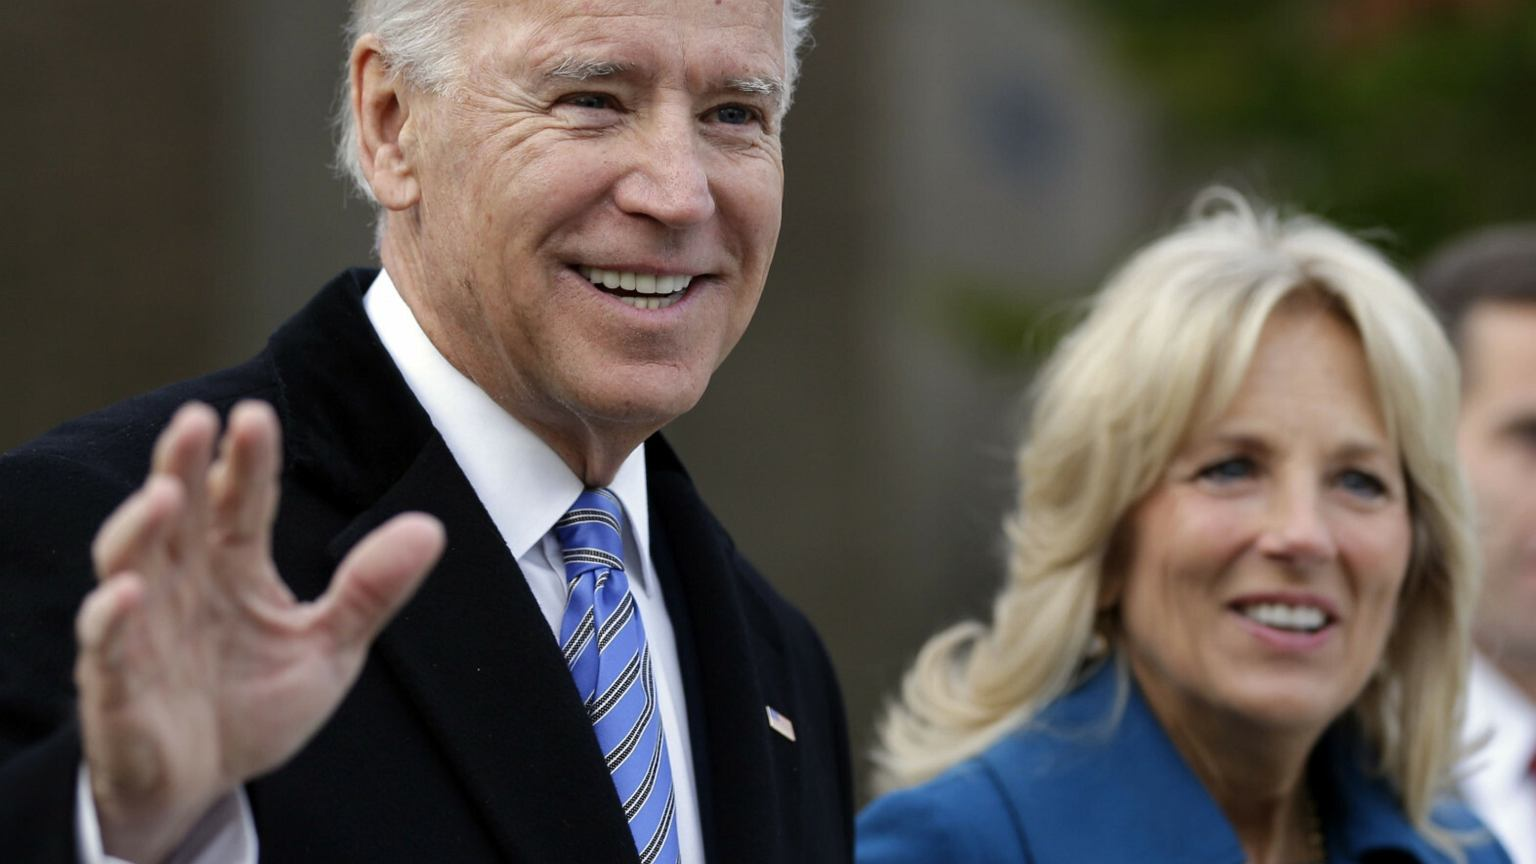 Joe Biden oświadczał się Jill pięć razy, aż w końcu postawił jej ultimatum. Urzekła go silnym charakterem i pewnością siebie